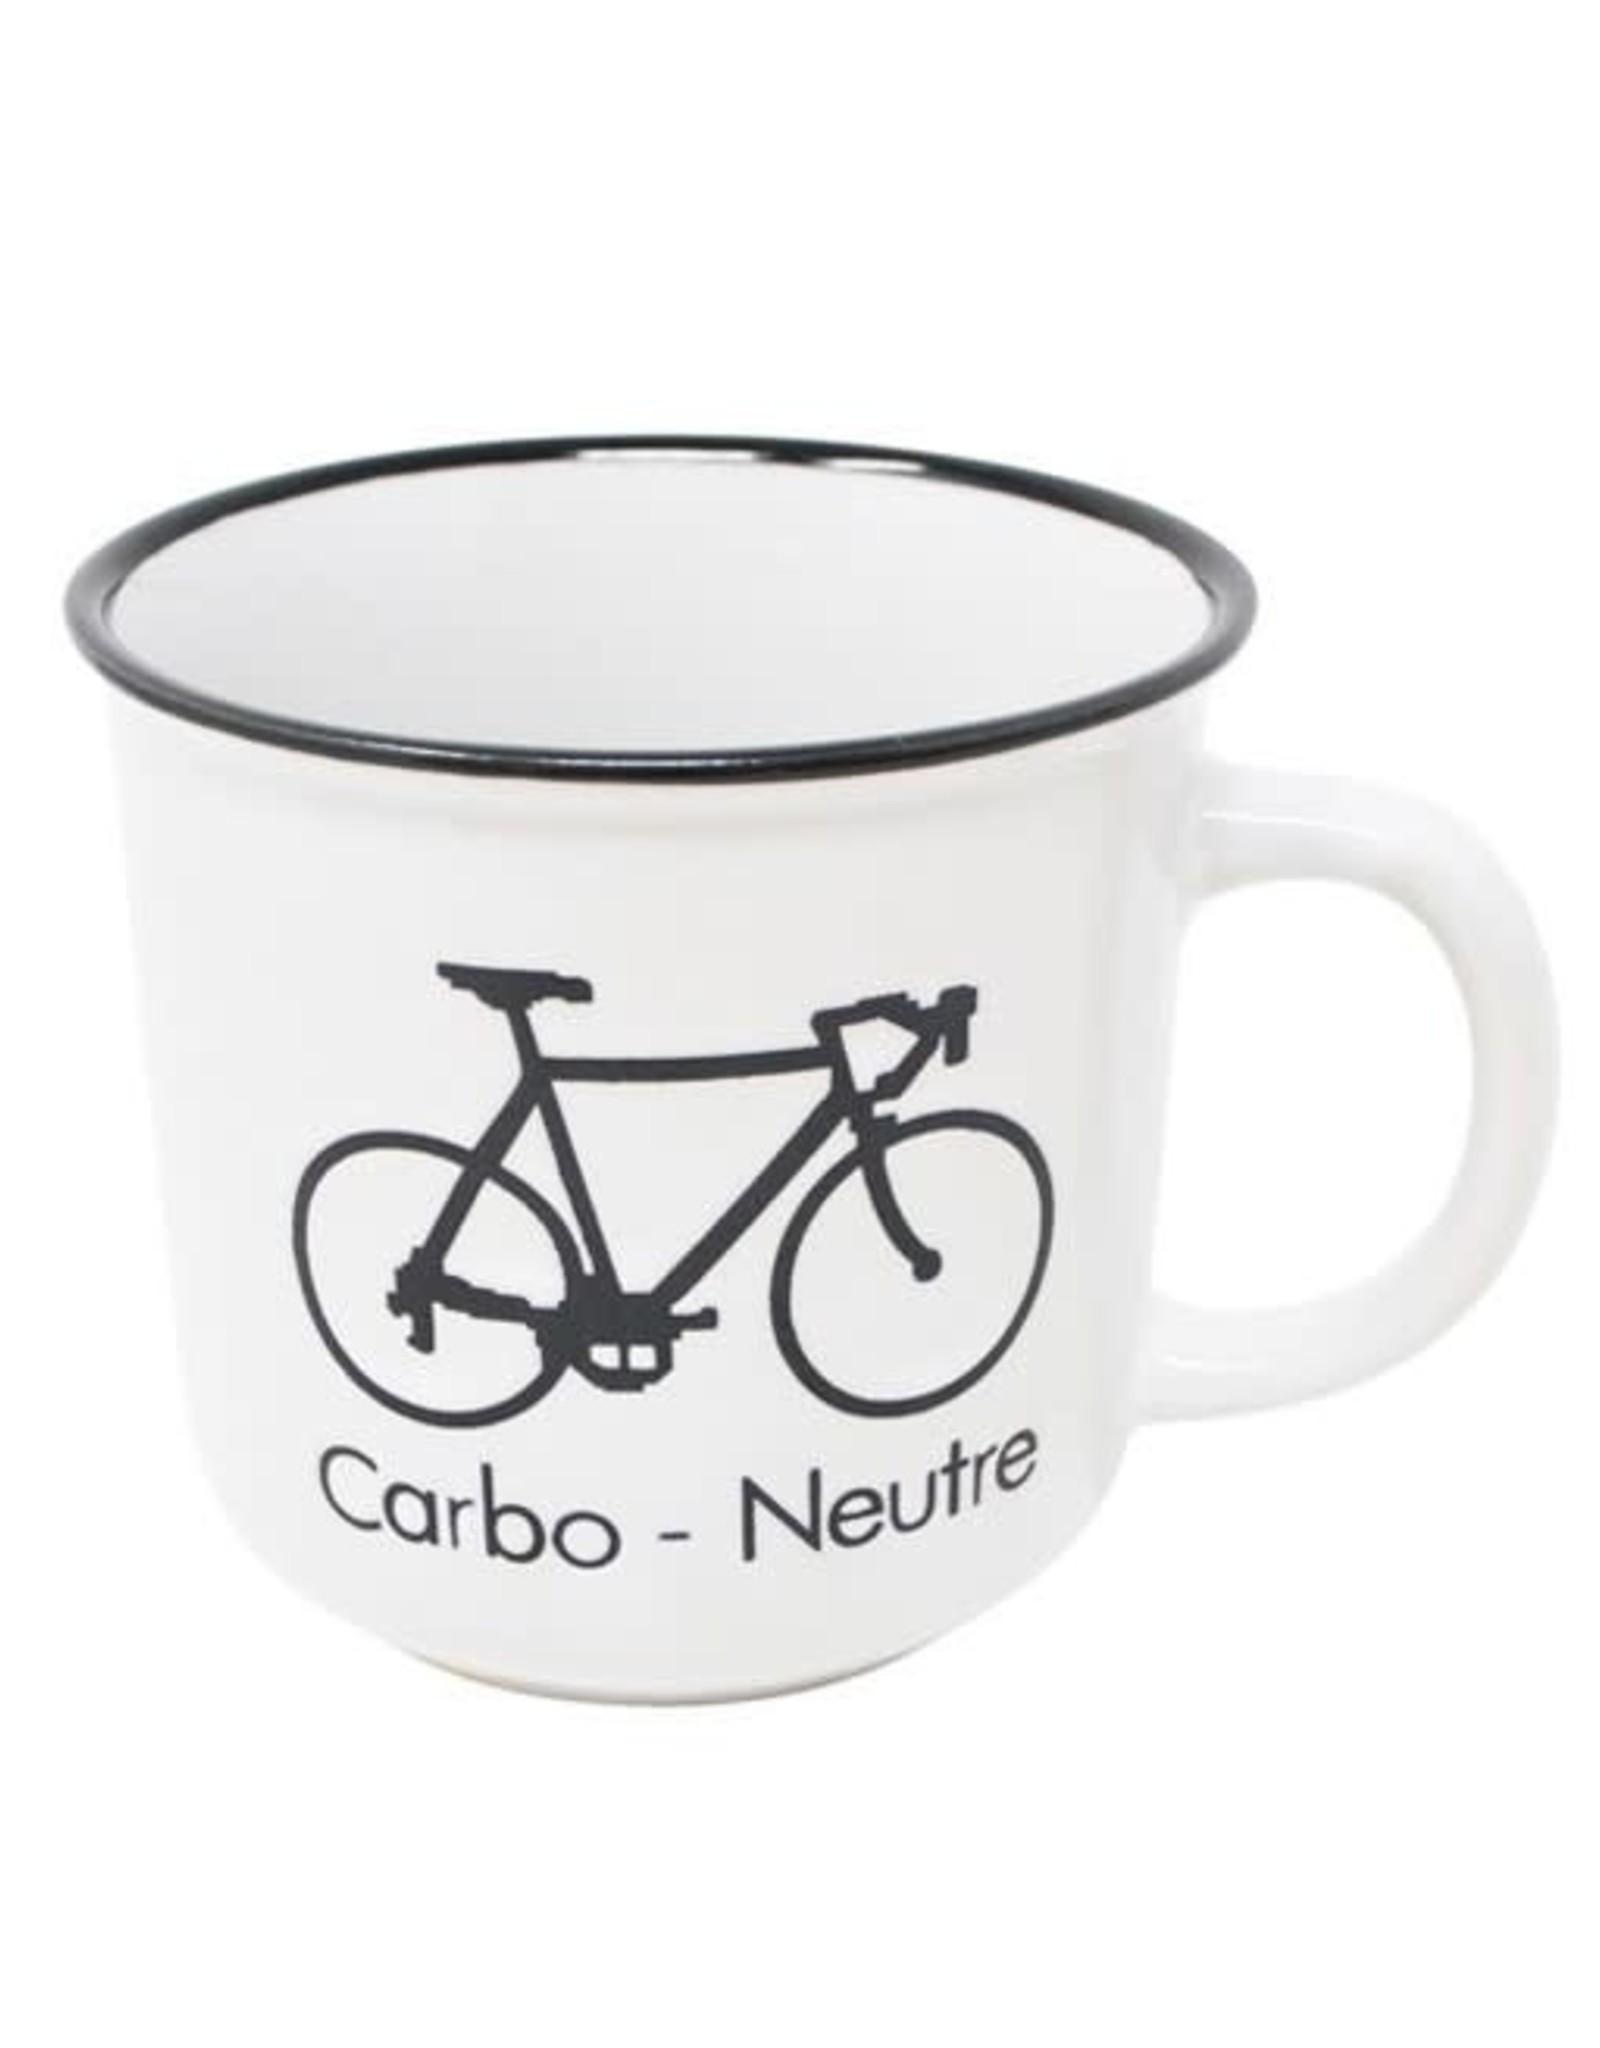 Tasse carbo neutre